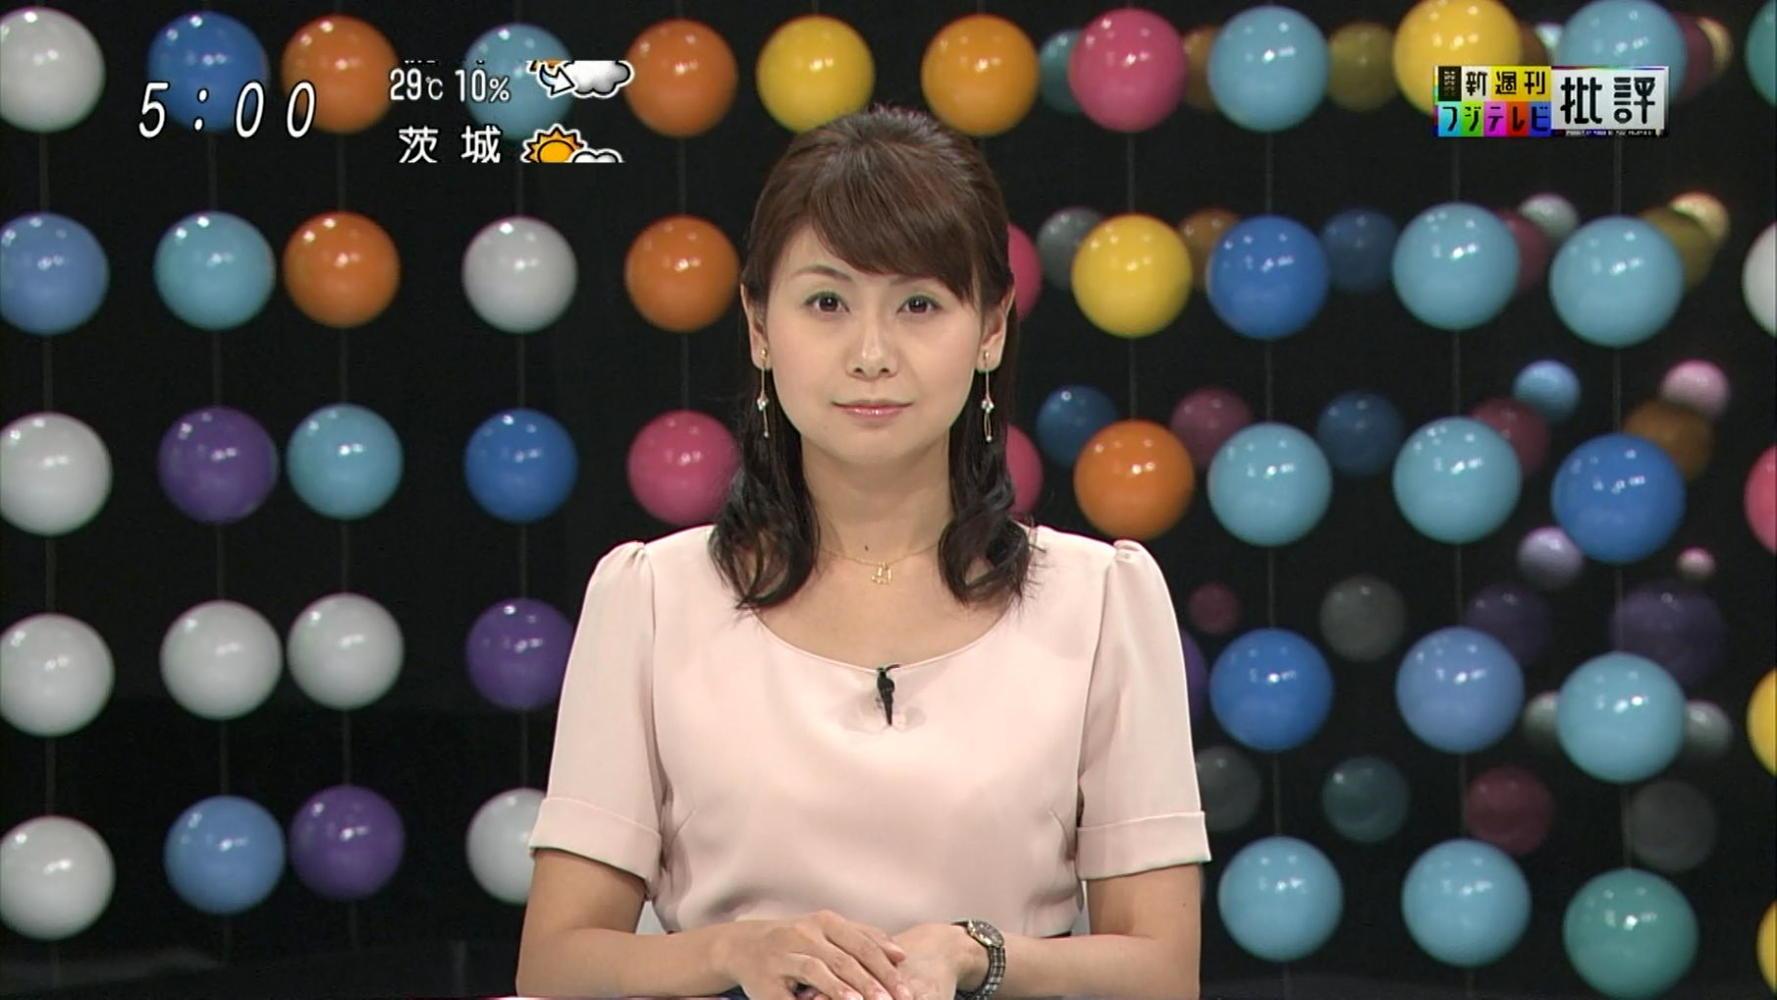 山中章子 週刊フジテレビ批評 13/09/21